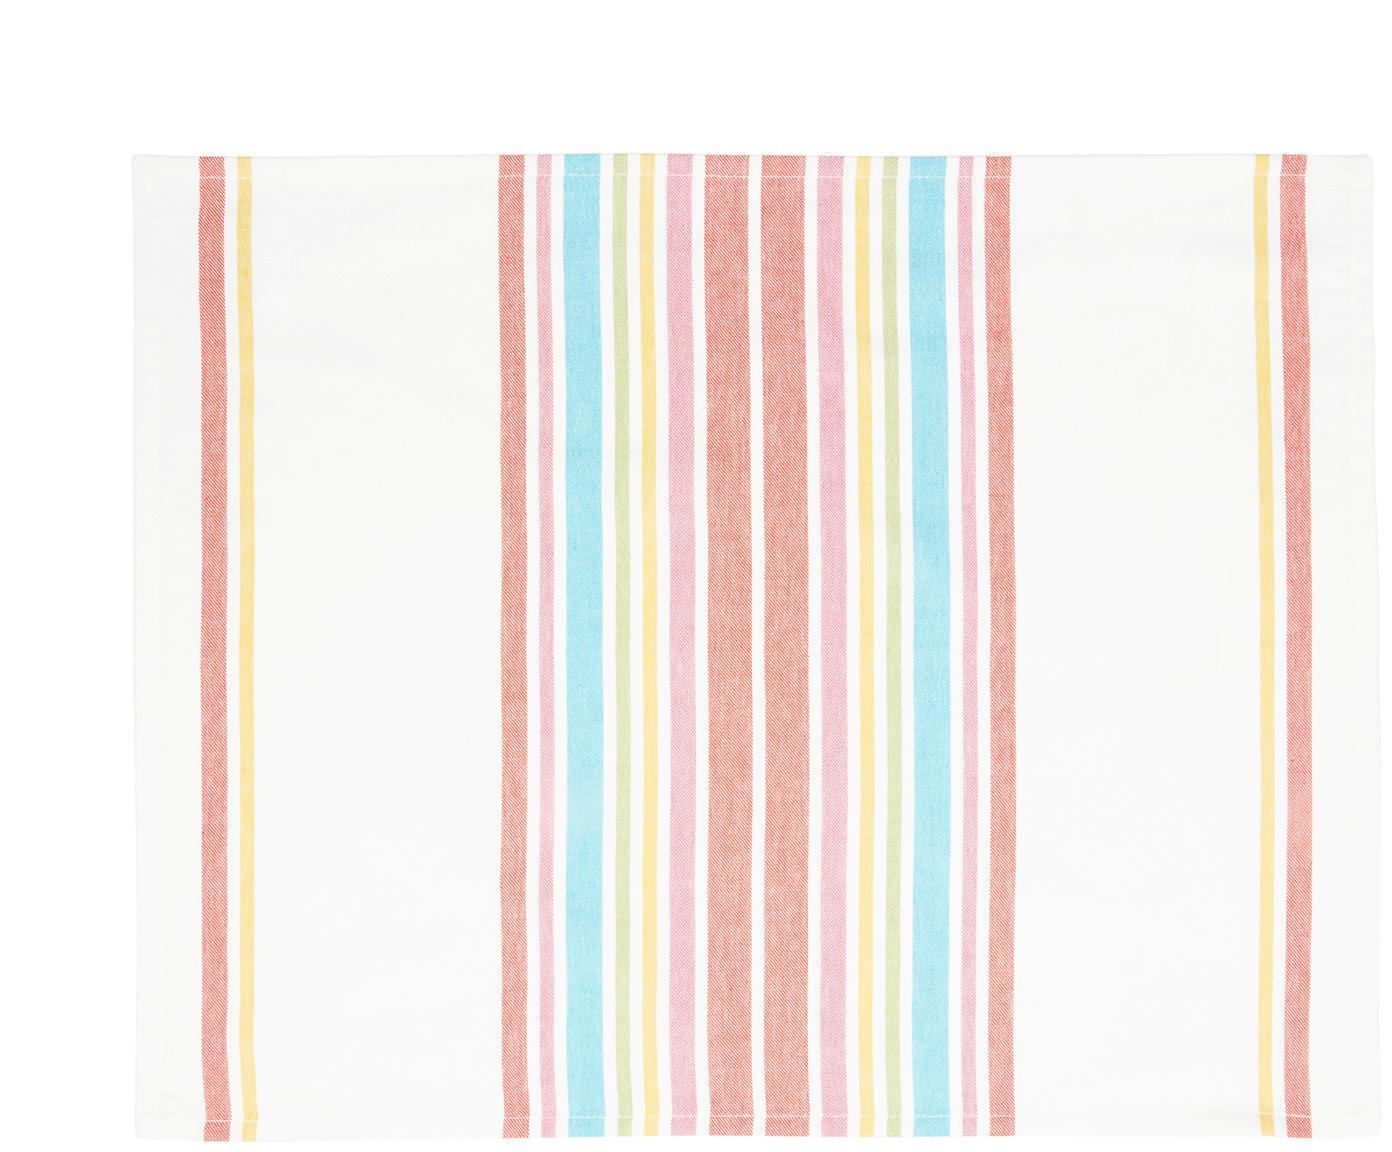 Tovaglietta americana Katie 2 pz, Cotone, Multicolore, Larg. 40 x Lung. 50 cm